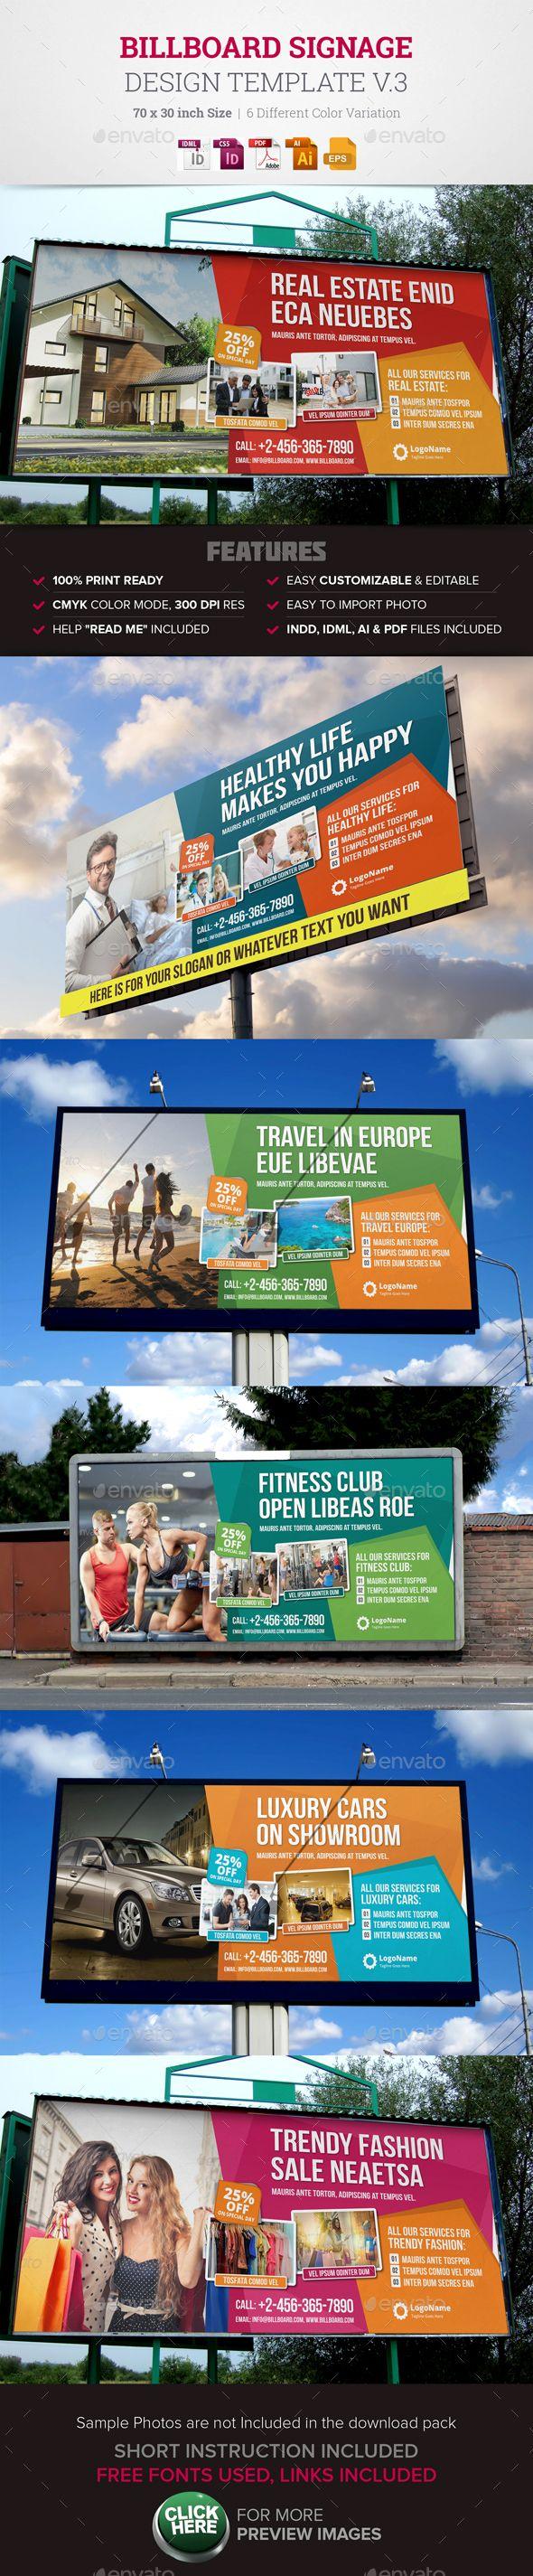 Billboard Signage Design Template. Download: http://graphicriver.net/item/billboard-signage-design-v3/14503833?ref=ksioks